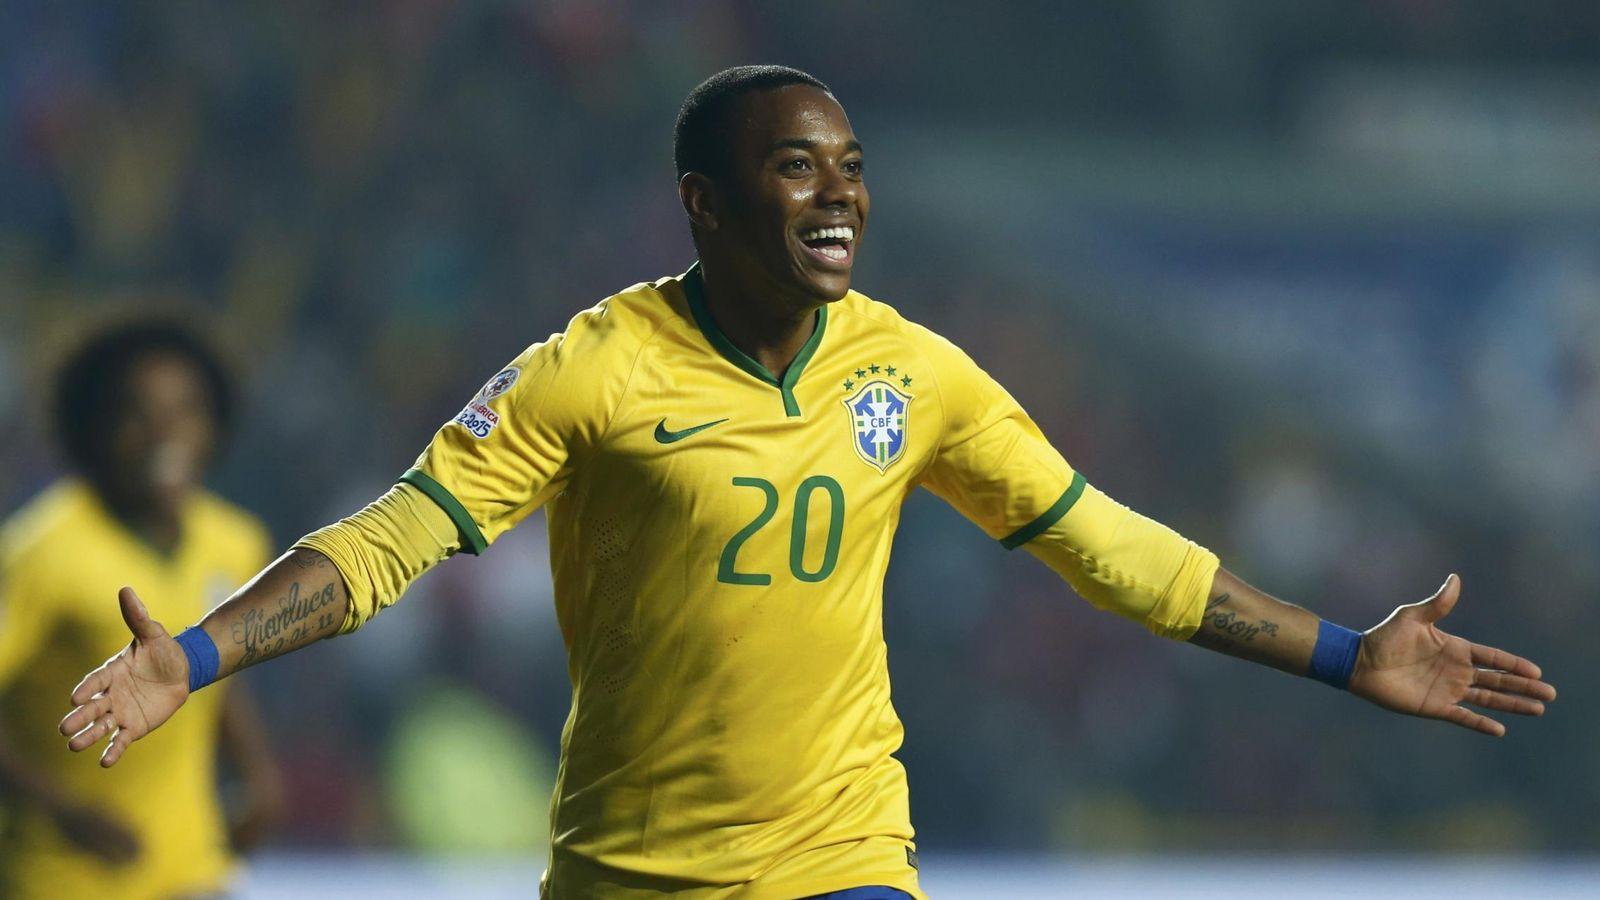 Foto: Robinho celebra un gol en la Copa América 2015. (Reuters)